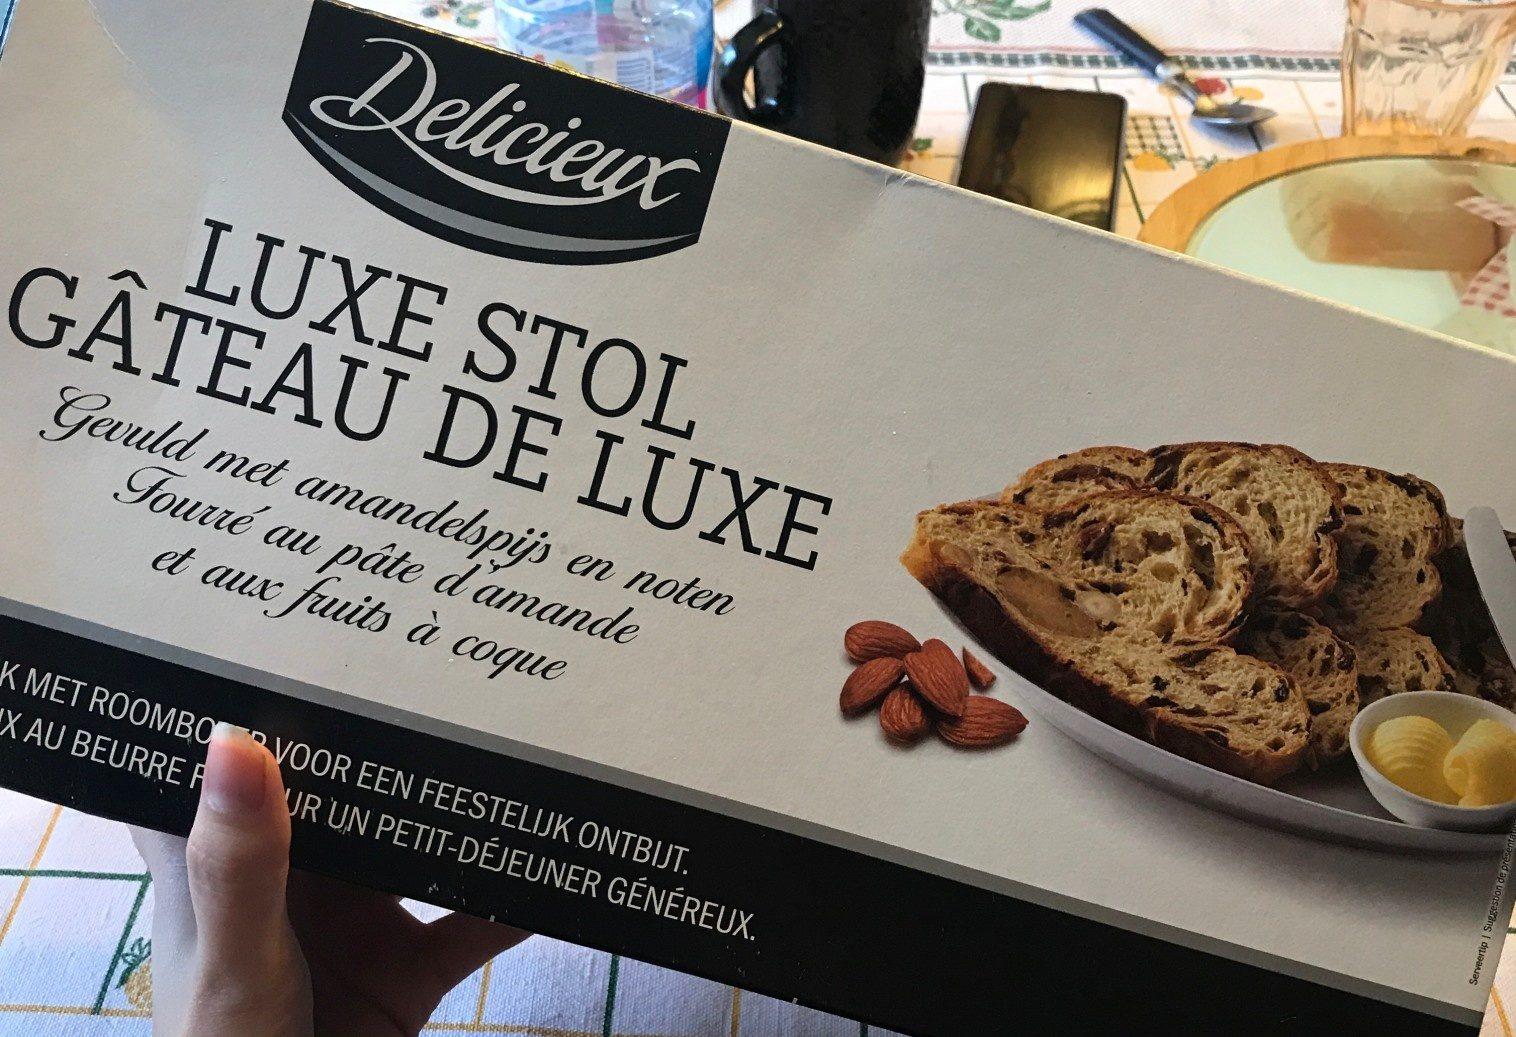 Luxe Stol, Gâteau de Luxe Fourré Pâte d'Amande et Fruits à Coque - Product - fr